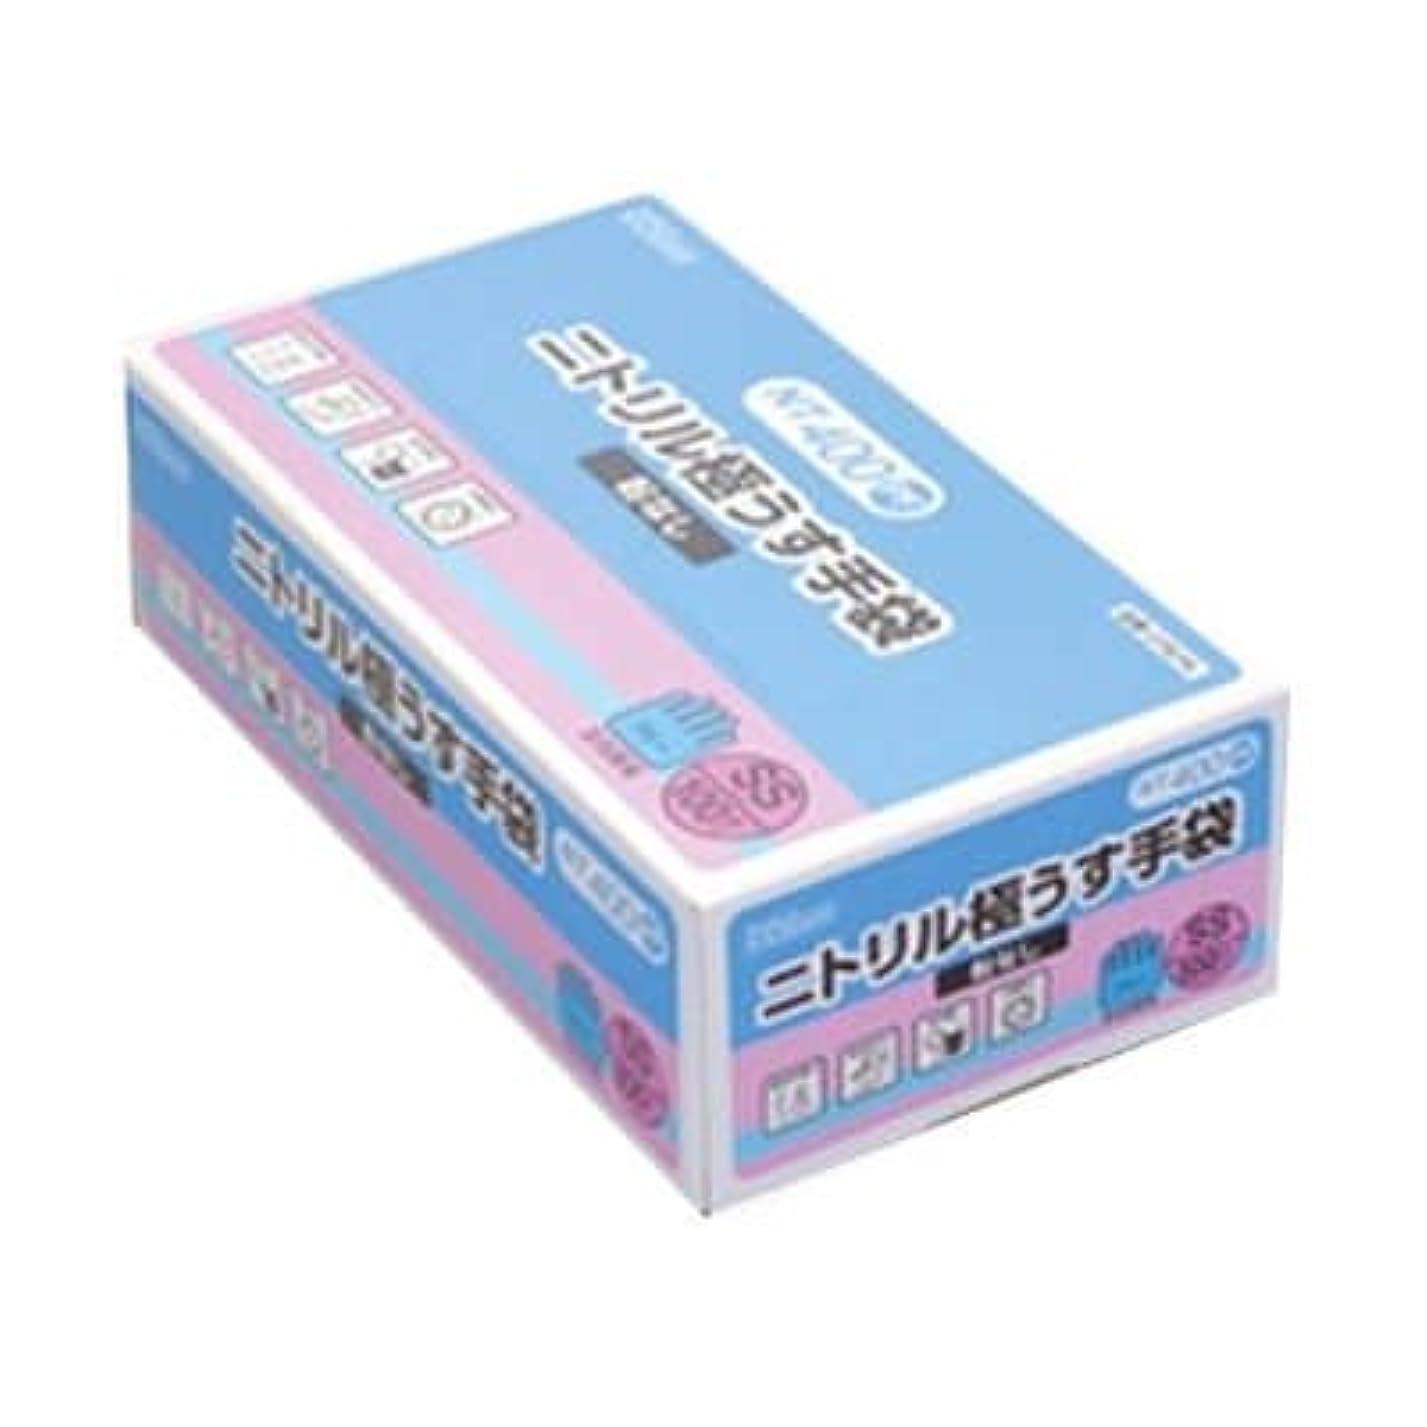 採用力アイスクリーム【ケース販売】 ダンロップ ニトリル極うす手袋 粉無 SS ブルー NT-400 (100枚入×20箱)